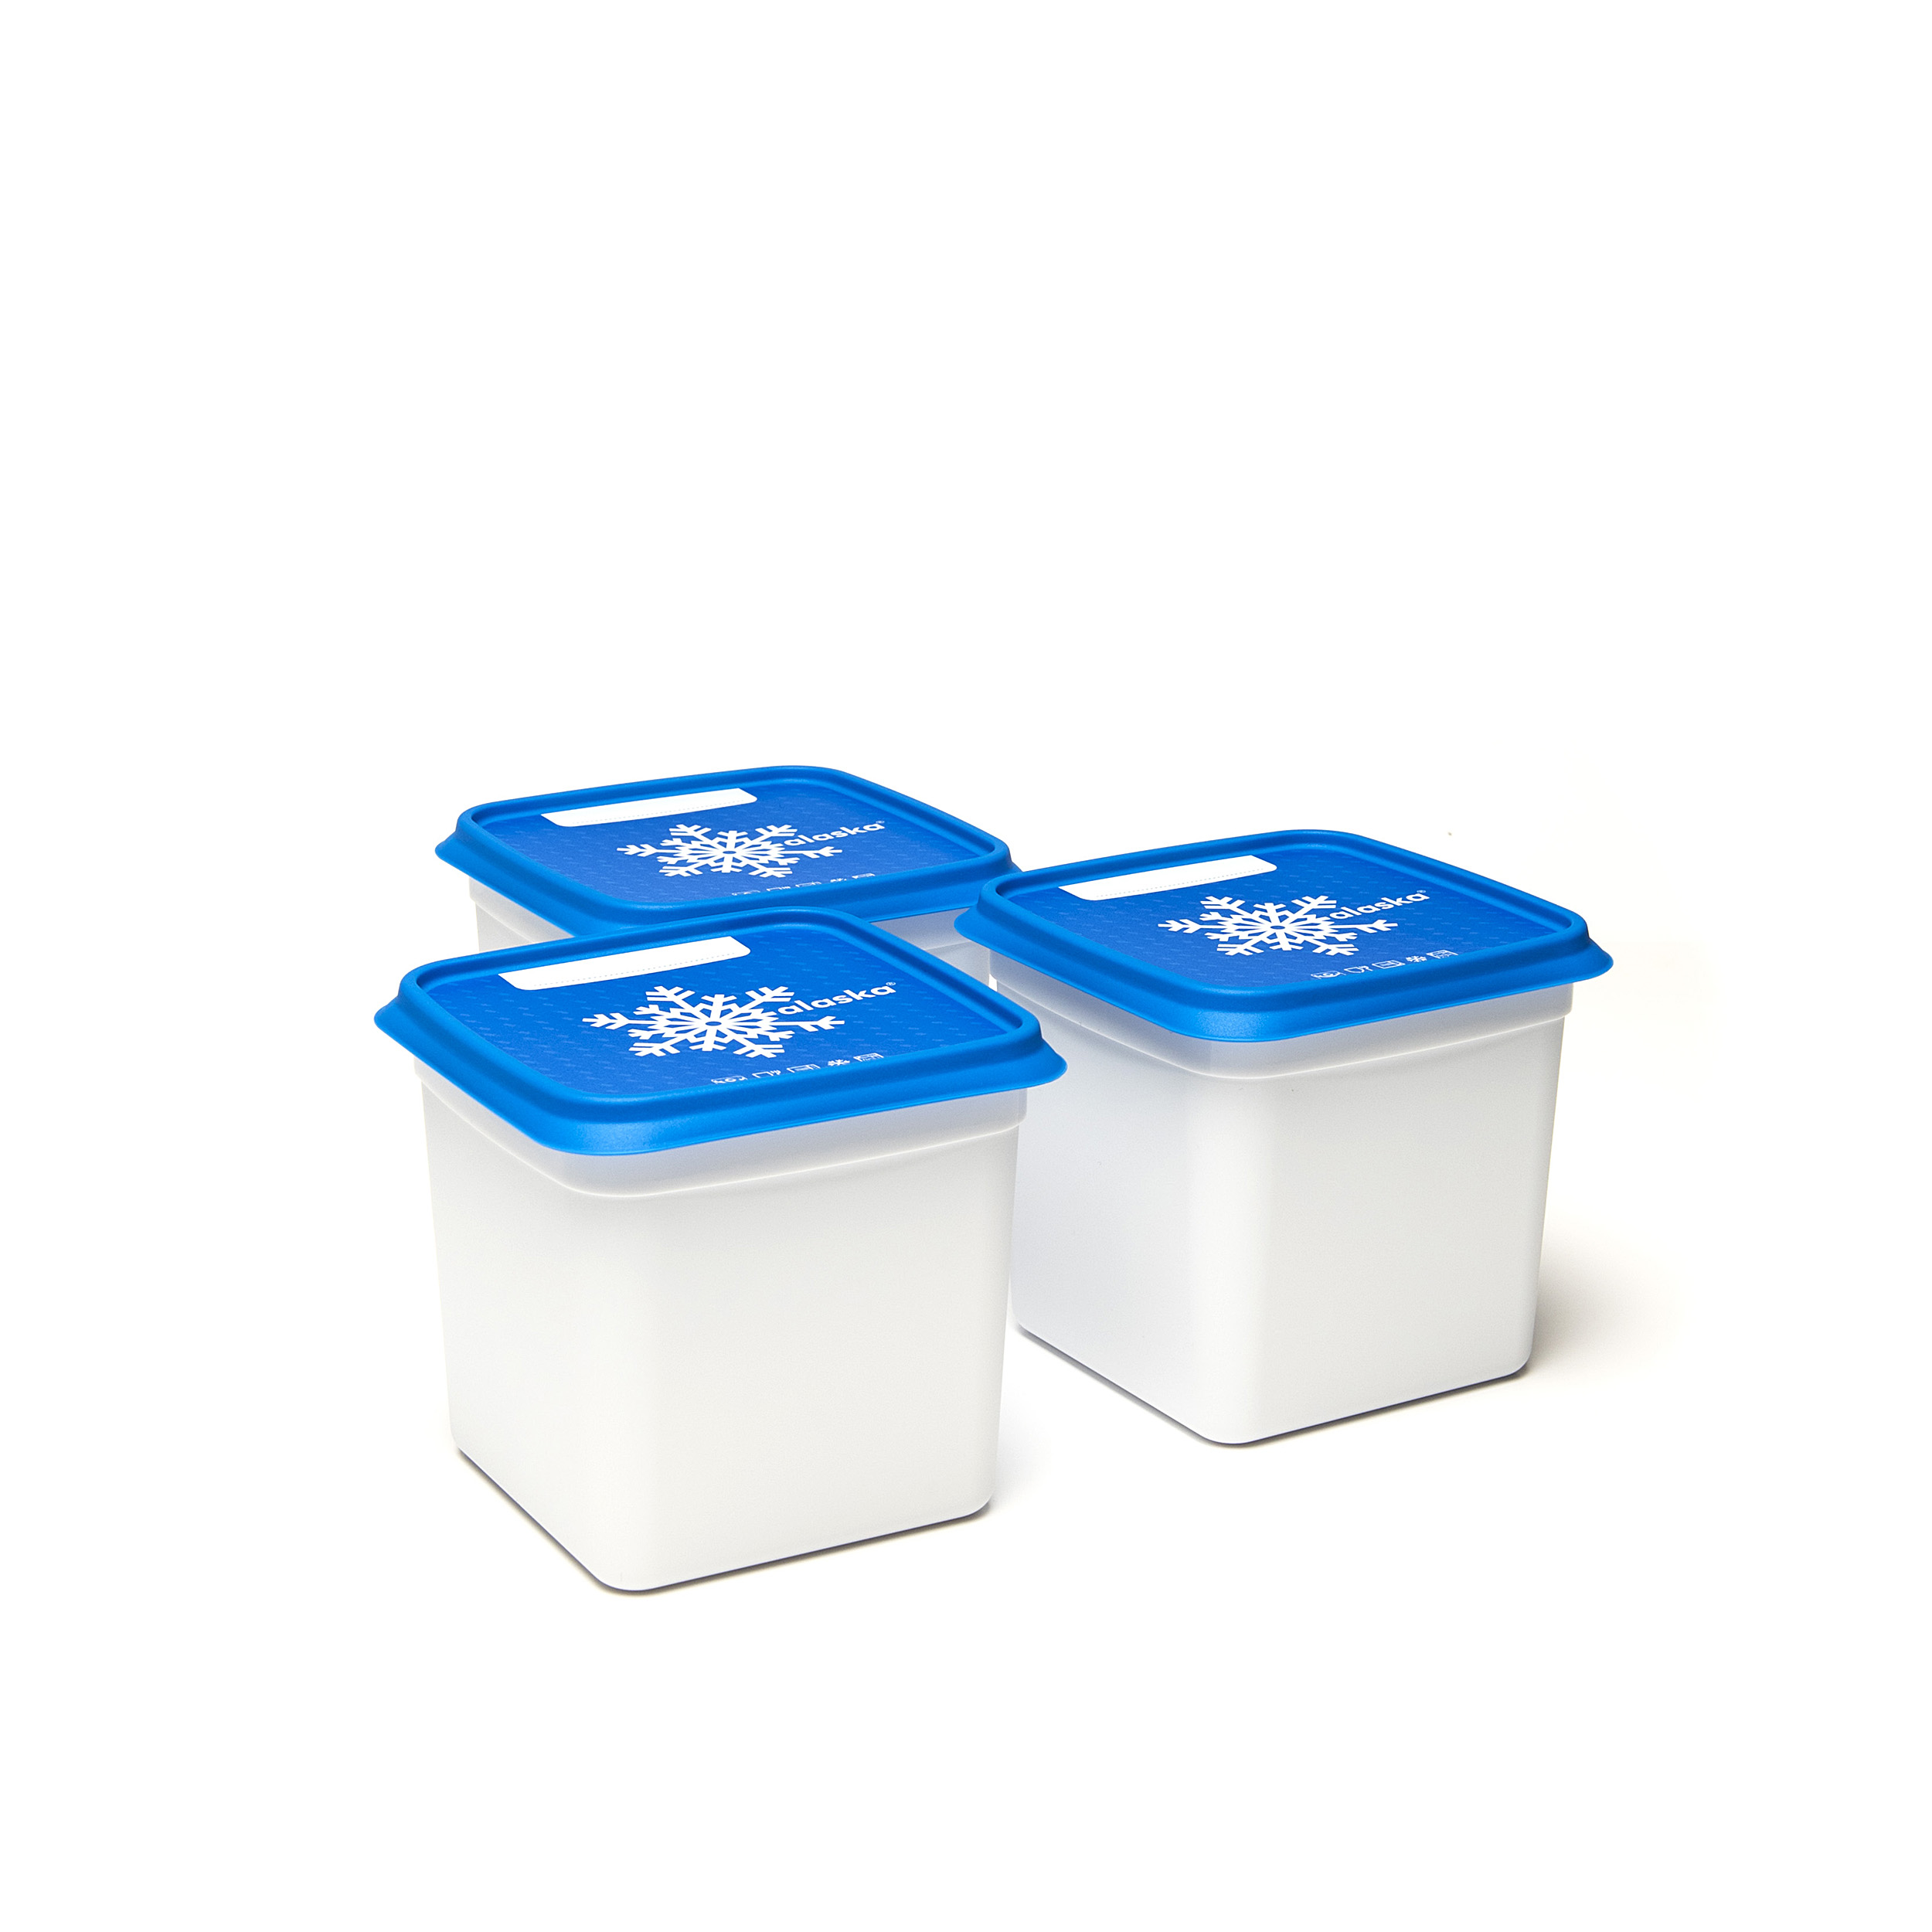 Alaska®1000ml(set1x3) - .... Got lots to freeze? Then these Alaska® freezer boxes will be a great help. They will save space in your freezer, can be stacked on top and inside each other. You can find them in every format imaginable and can easily write the contents on the outside. Dirty? Pop them in the dishwasher and they will be as good as new. .. Beaucoup d'aliments à congeler ? Ces boîtes de congélation Alaska® sont faites pour cela. Elles vous font gagner de la place dans votre congélateur, sont empilables mais aussi emboîtables. Disponibles dans tous les formats imaginables, on peut aussi y mentionner le contenu facilement. Sales ? Mettez-les dans le lave-vaisselle et elles en sortiront comme neuves. .. Veel in te vriezen? Dan zijn deze Alaska®-vriesdozen jouw redder in nood. Ze besparen plek in je diepvriezer, zijn stapelbaar én nestbaar. Je vindt ze in elk denkbaar formaat en schrijft er vlotjes de inhoud op. Vuil? Stop ze in de vaatwasmachine en ze zijn weer als nieuw. .. Sie haben viel zum Einfrieren? Dann sind diese Alaska®-Tiefkühlbehälter Ihr Retter in der Not. Sie sparen Platz im Tiefkühlschrank, sind stapel- und schachtelbar. Es gibt sie in jedem denkbaren Format und sie lassen sich leicht beschriften. Schmutzig? Geben Sie sie in die Spülmaschine und sie sind wieder wie neu. ....